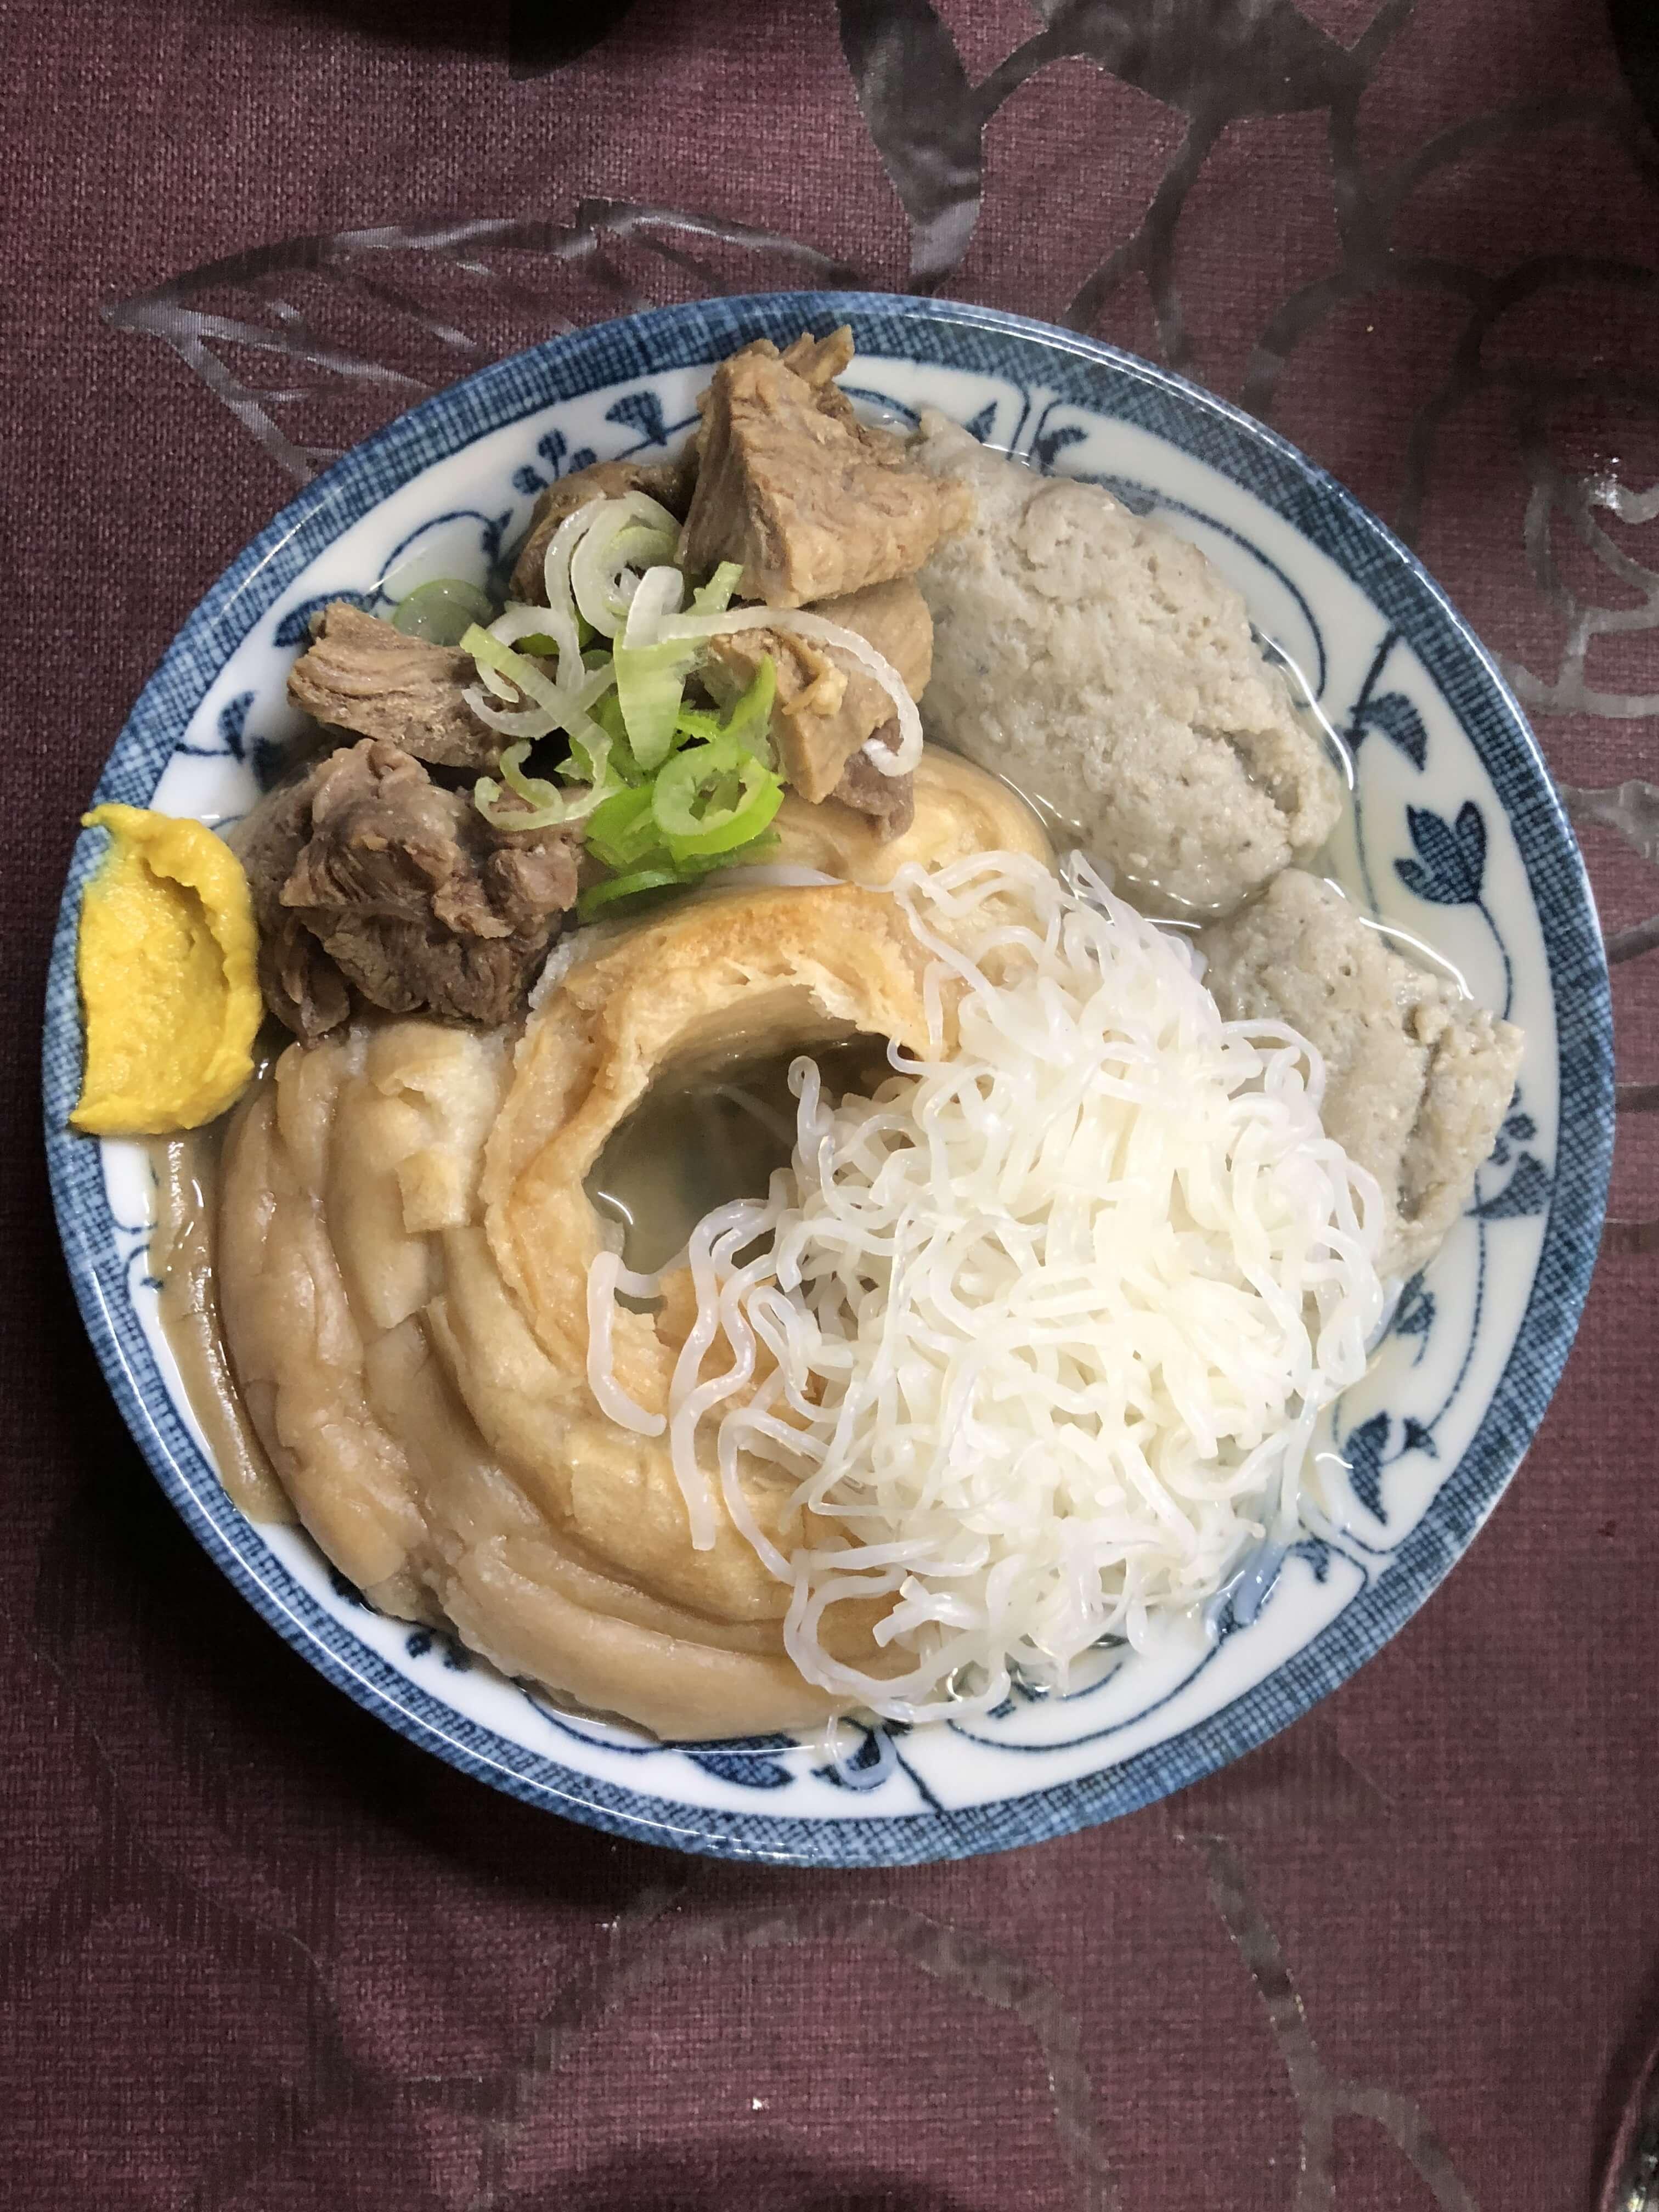 【地元民厳選】本当にオススメしたい「金沢おでん」が食べられる良店 5選